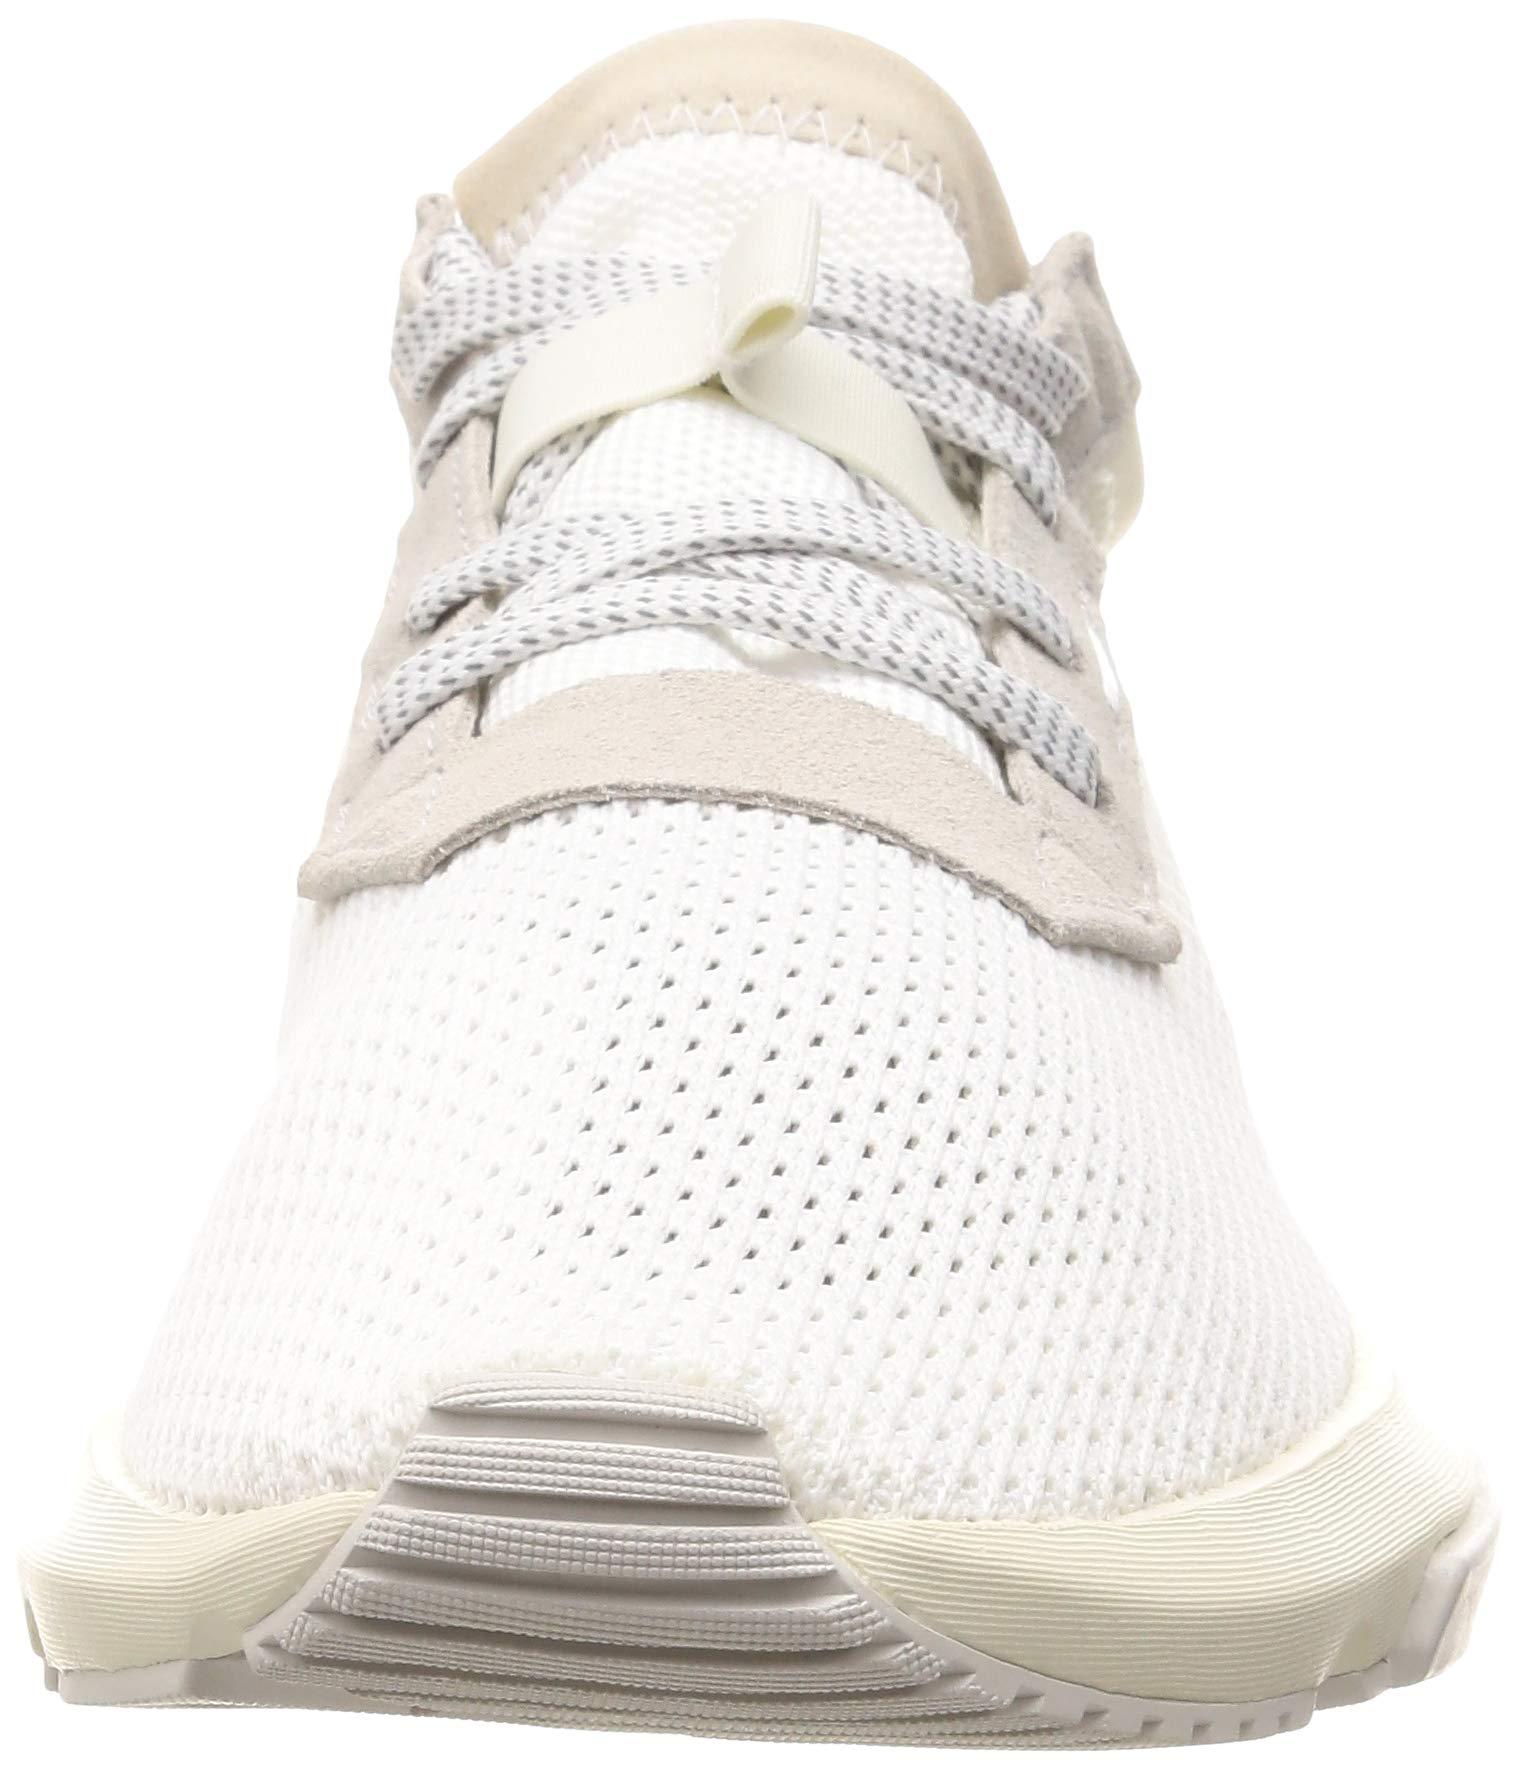 adidas Pod-s3.1, Scarpe da Fitness Uomo, EU 4 spesavip